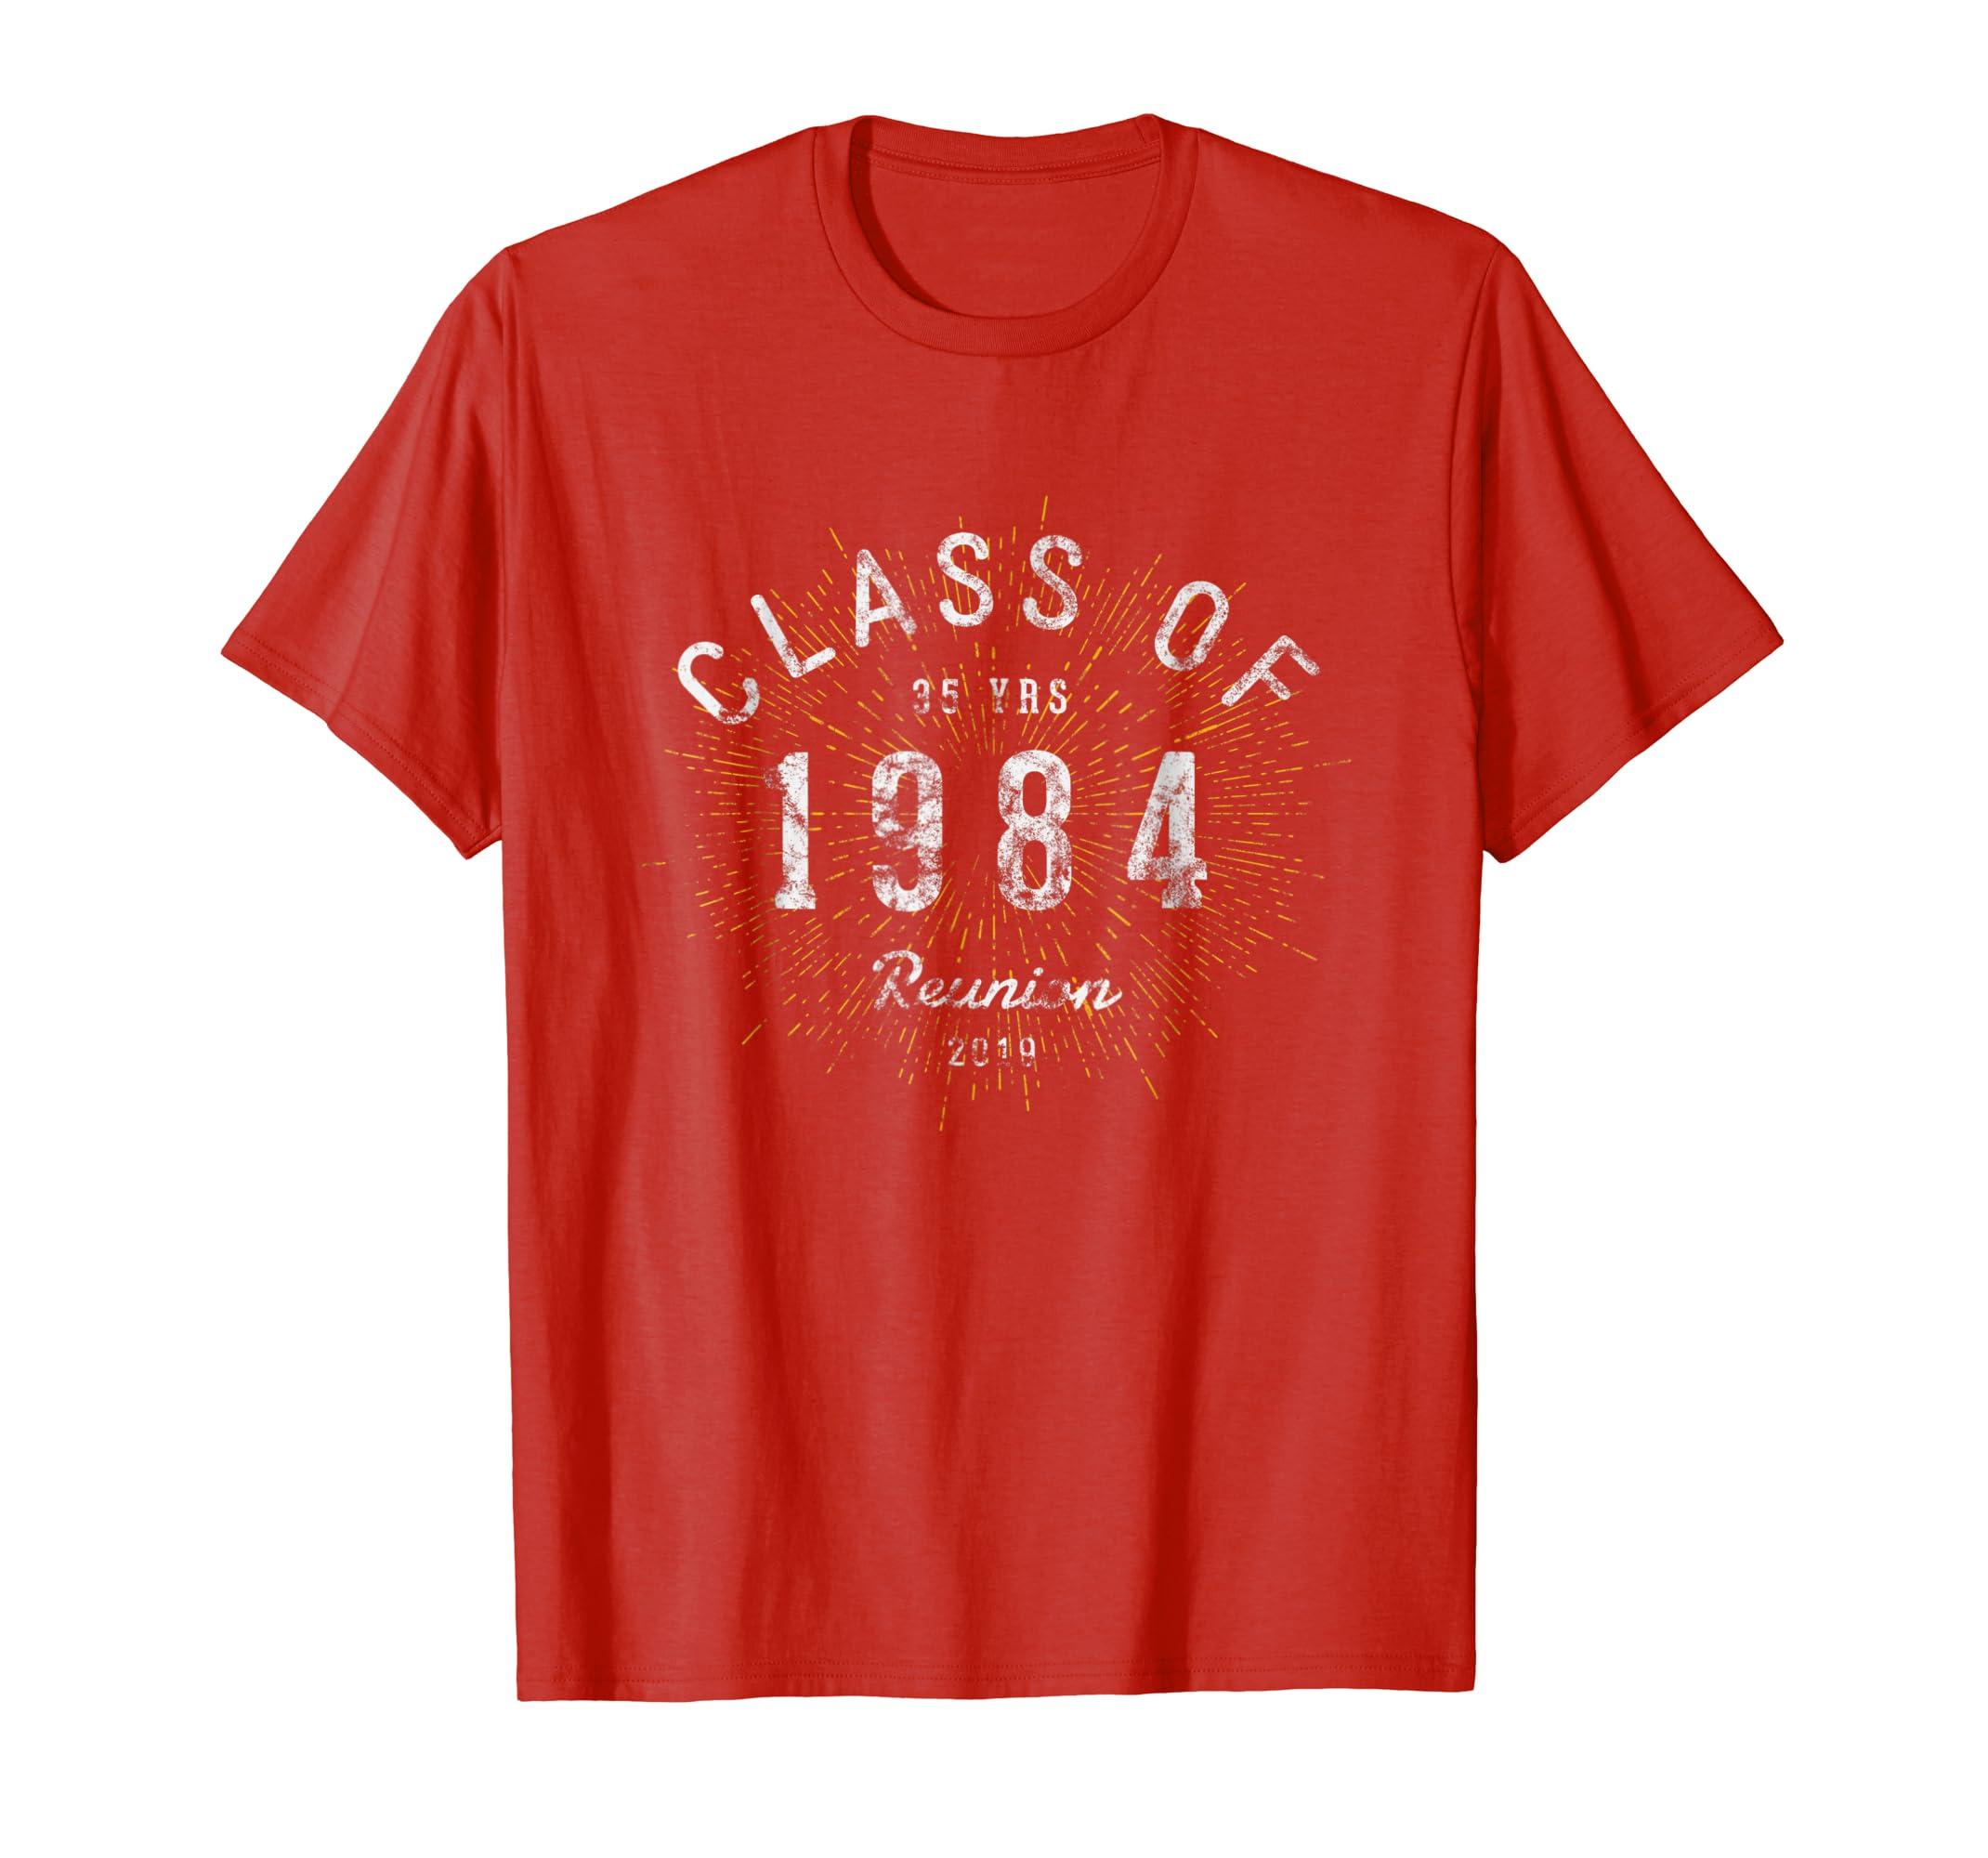 6b37a4b556e9d Amazon.com: Class of 1984 Shirt 35 Year Class Reunion T-Shirt: Clothing